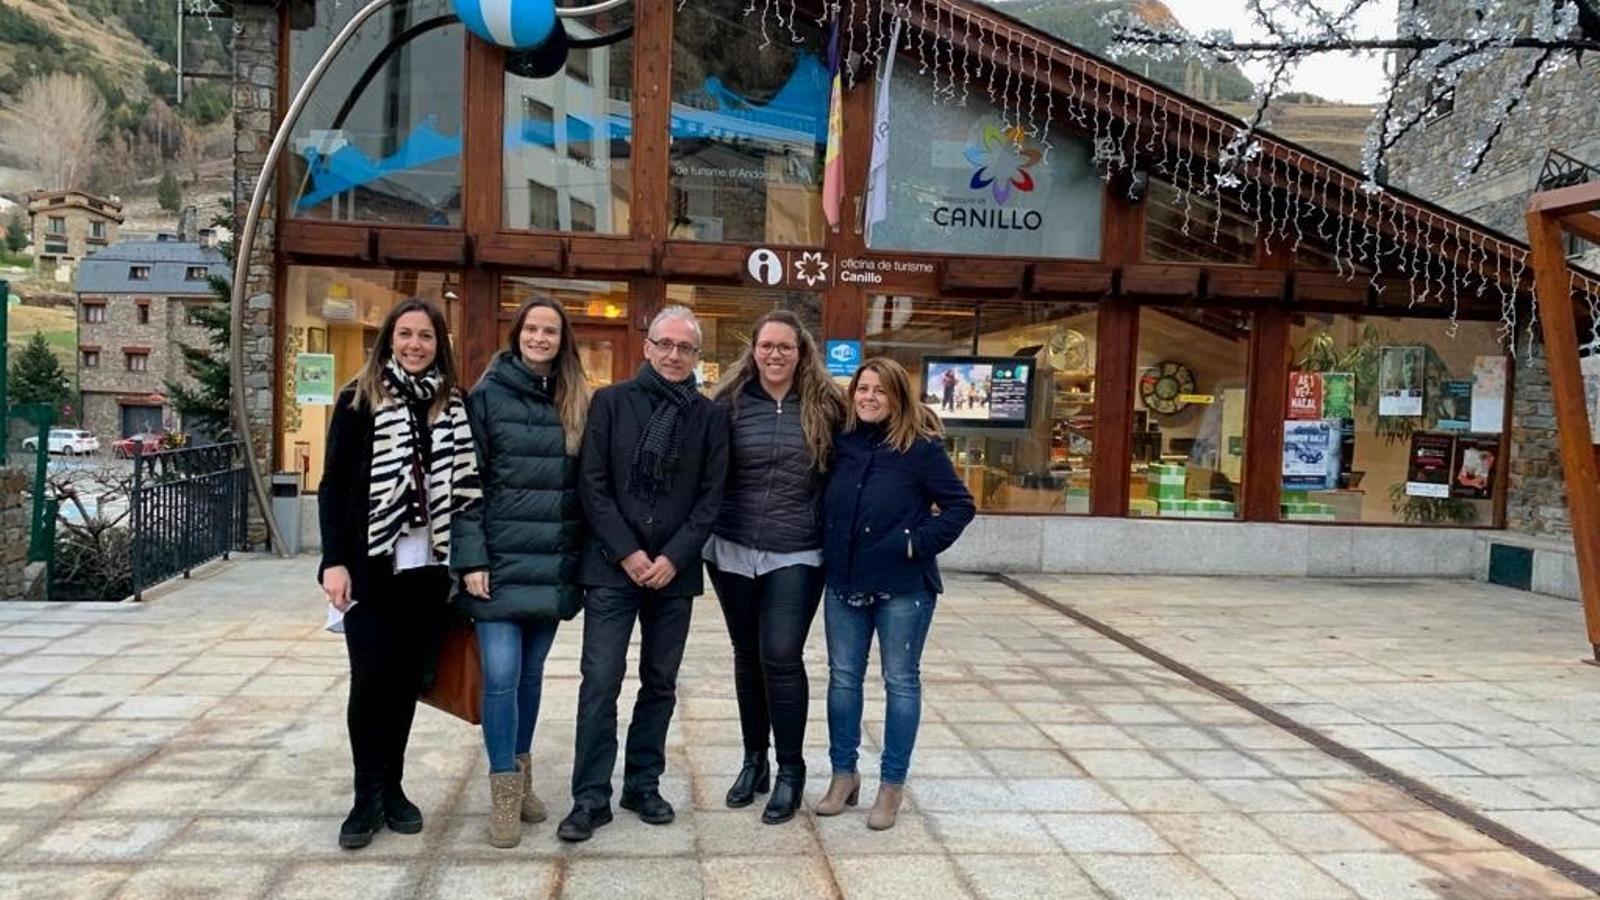 El candidat de Demòcrates+Independents de Canillo, Francesc Camp, aposta per la tecnologia per potenciar el turisme. / DEMÒCRATES